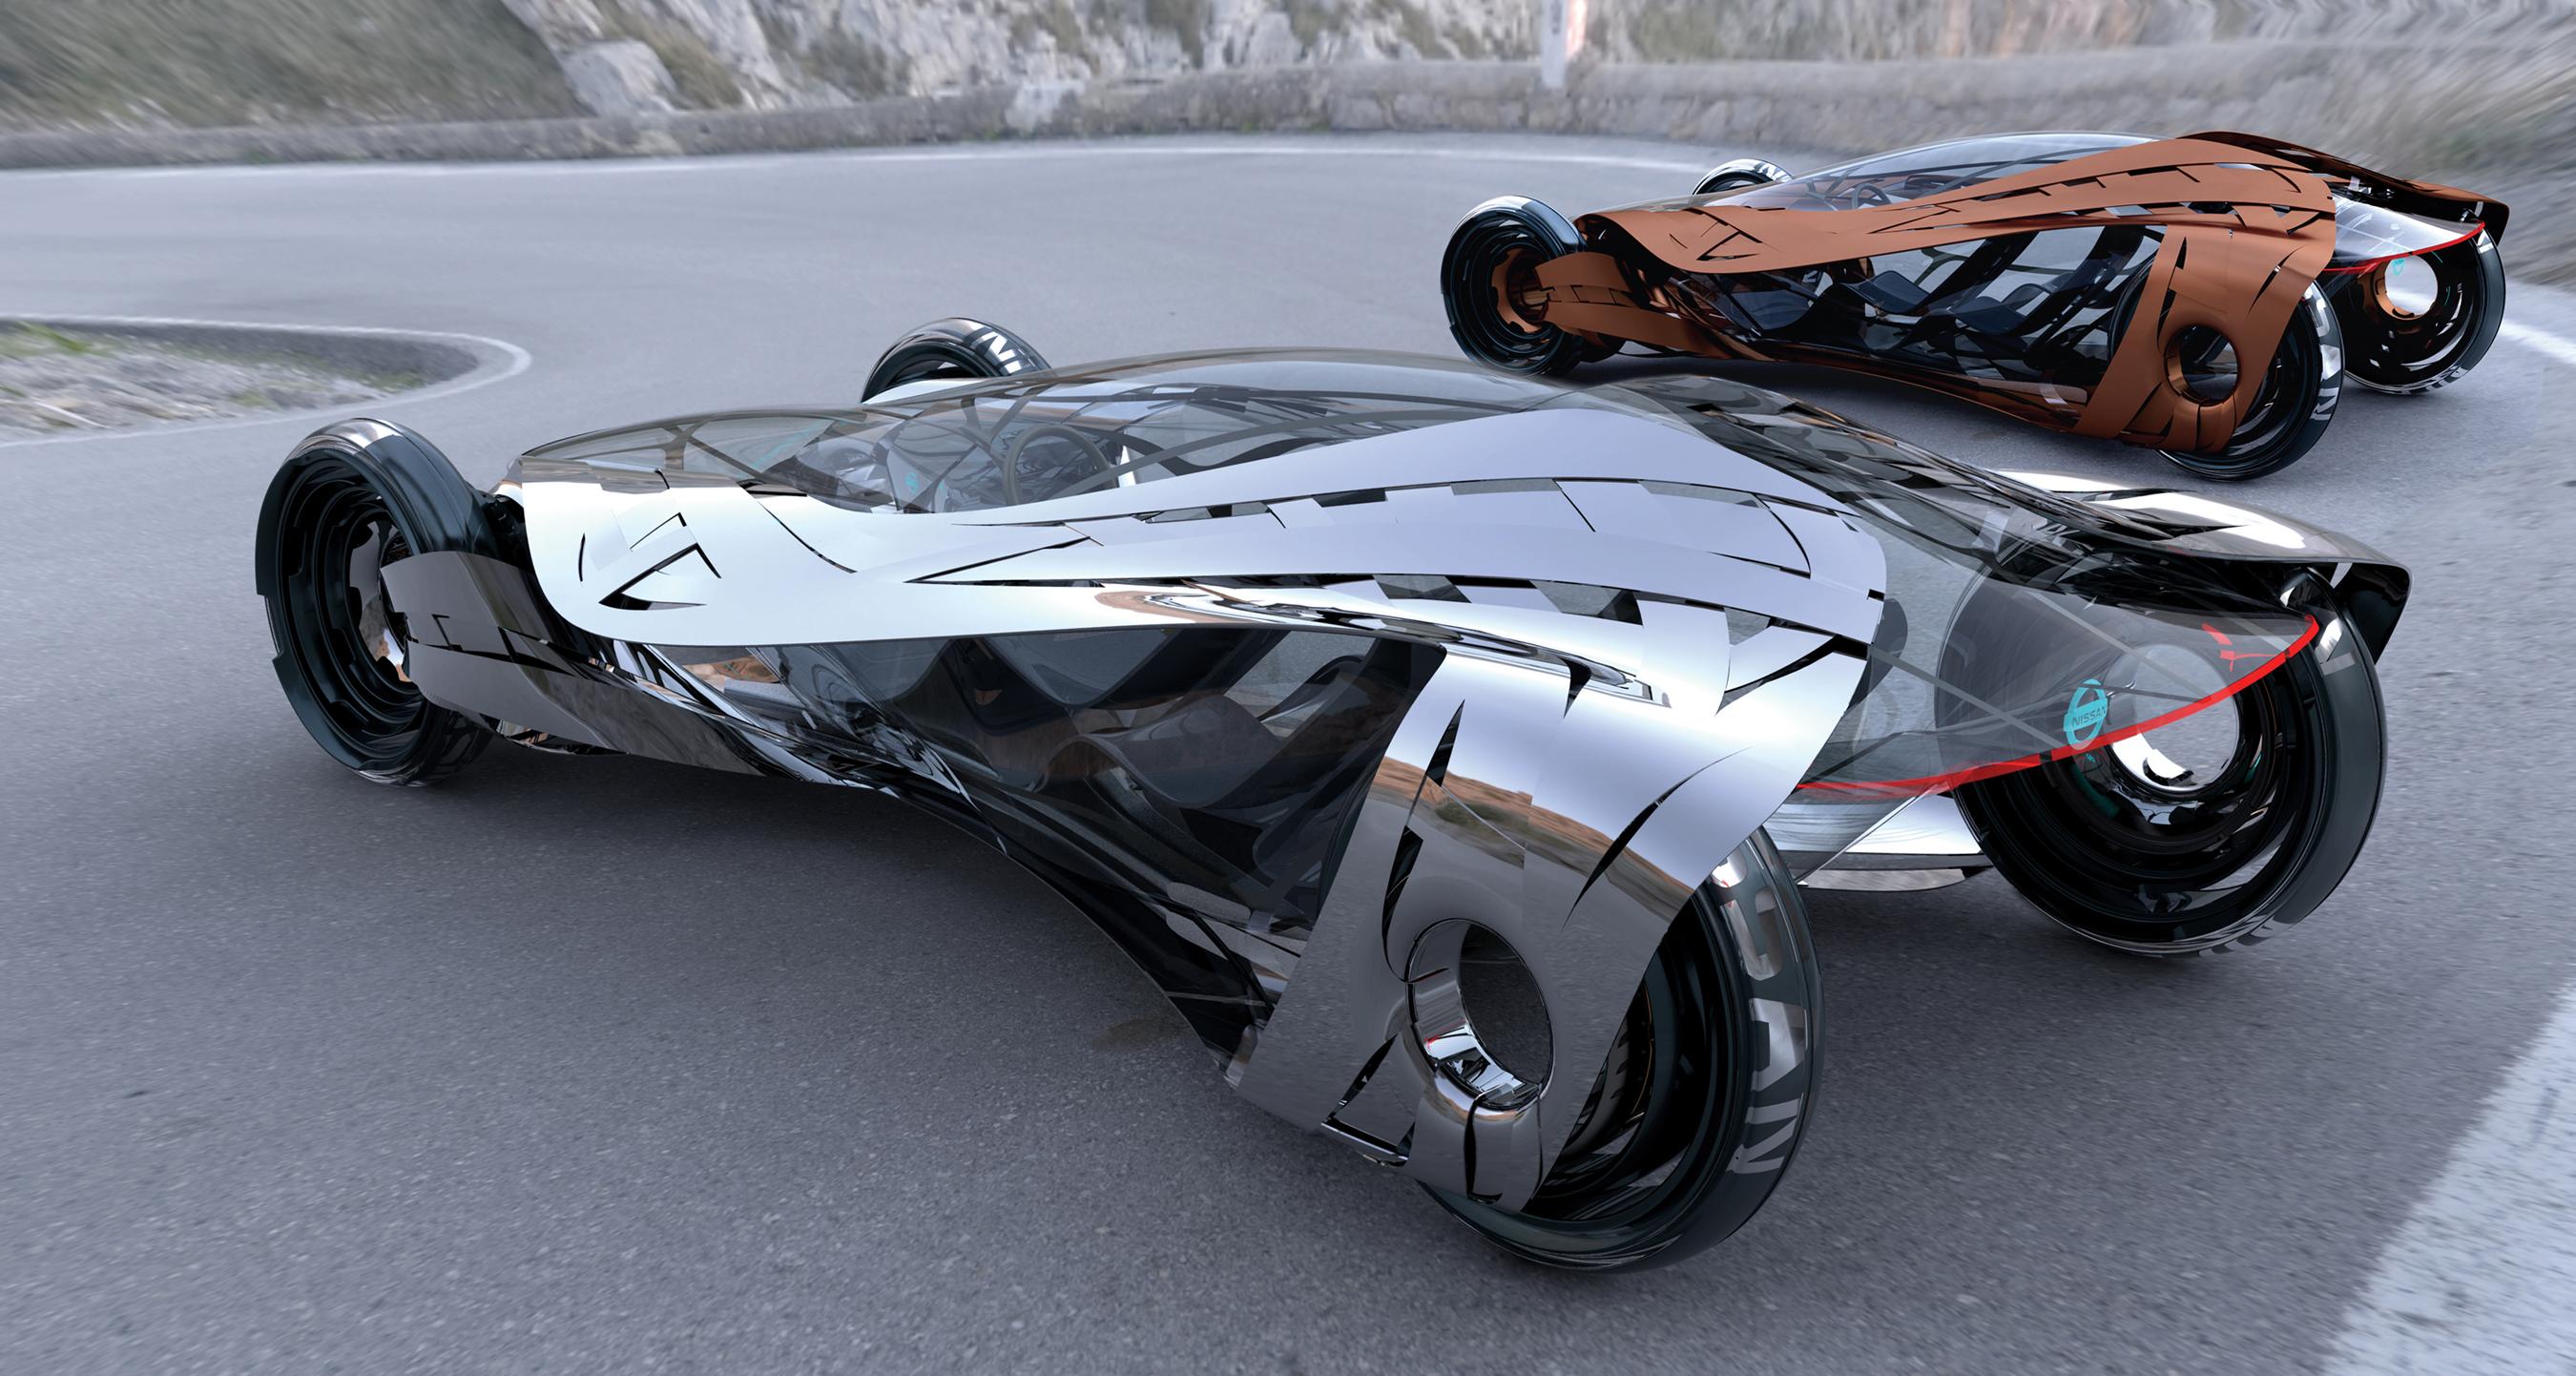 Los angeles auto show design challenge aims for 1 000 pound car - Car design show ...